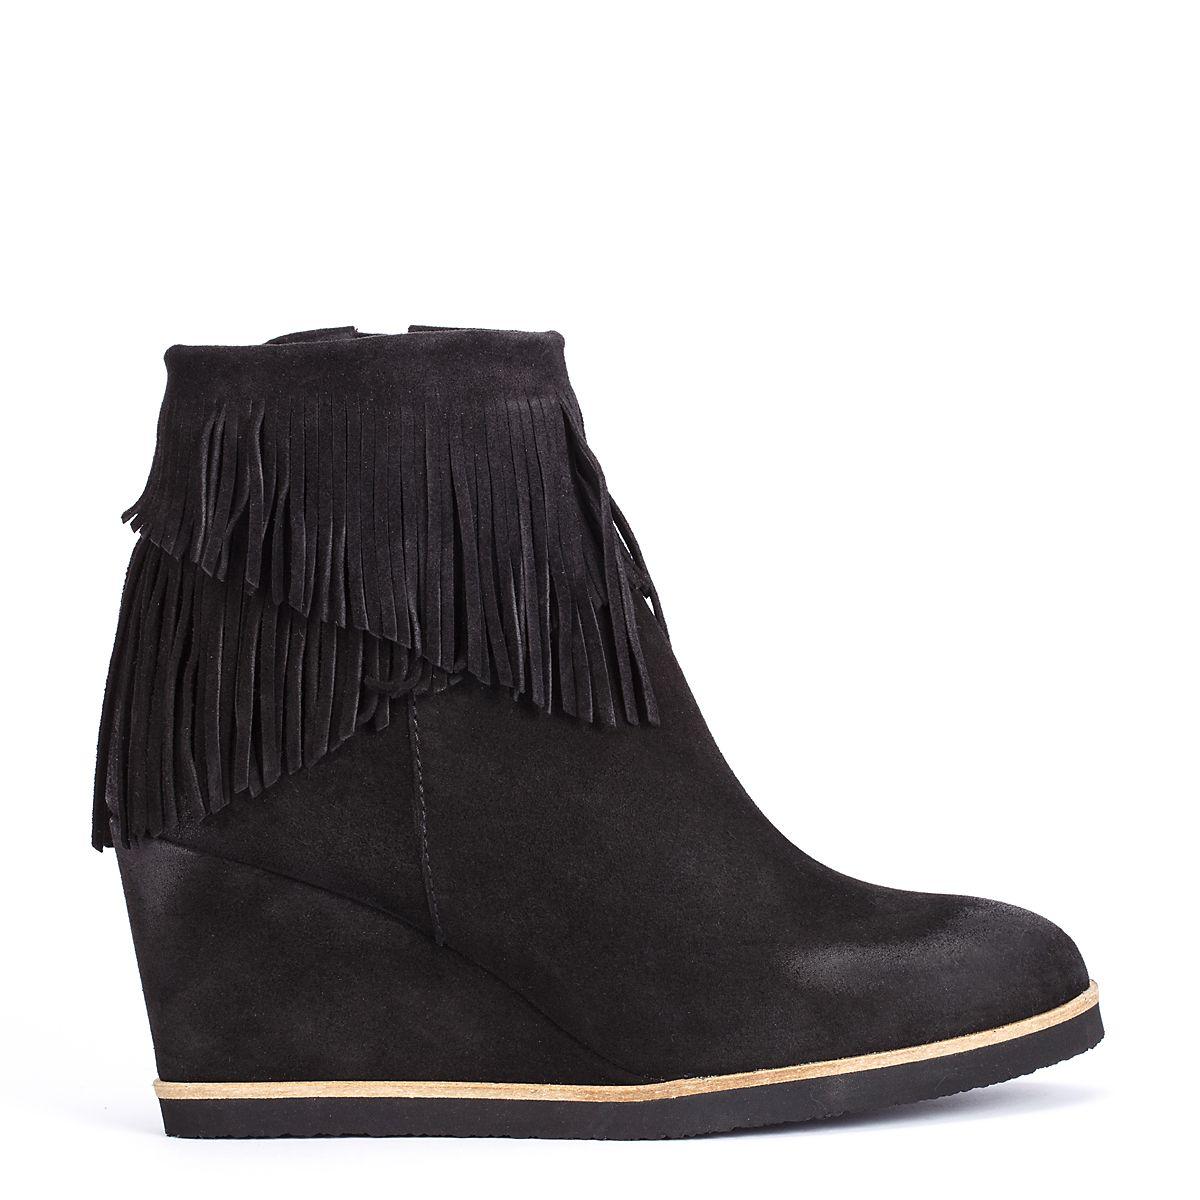 #zapatos #botín #plataforma #flecos de la nueva colección #AW de #pedromiralles en color #negro #shoponline